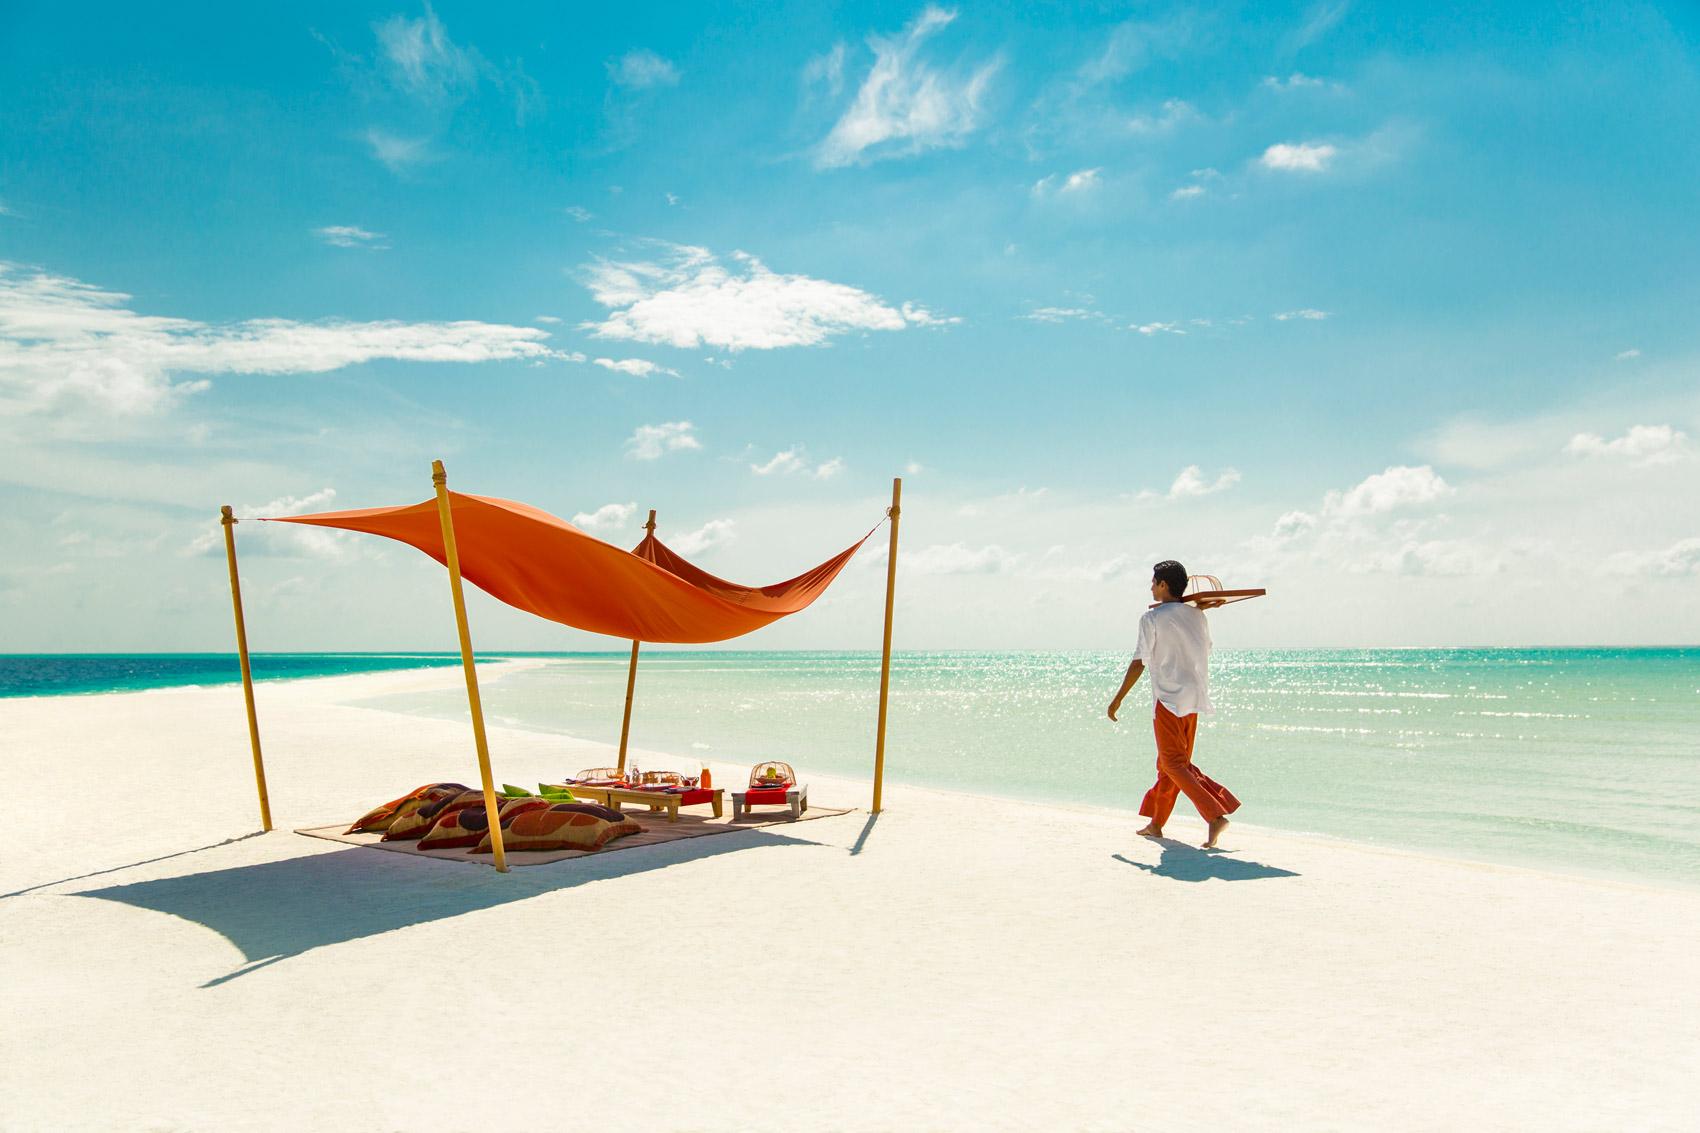 Beach picnic in the Maldives